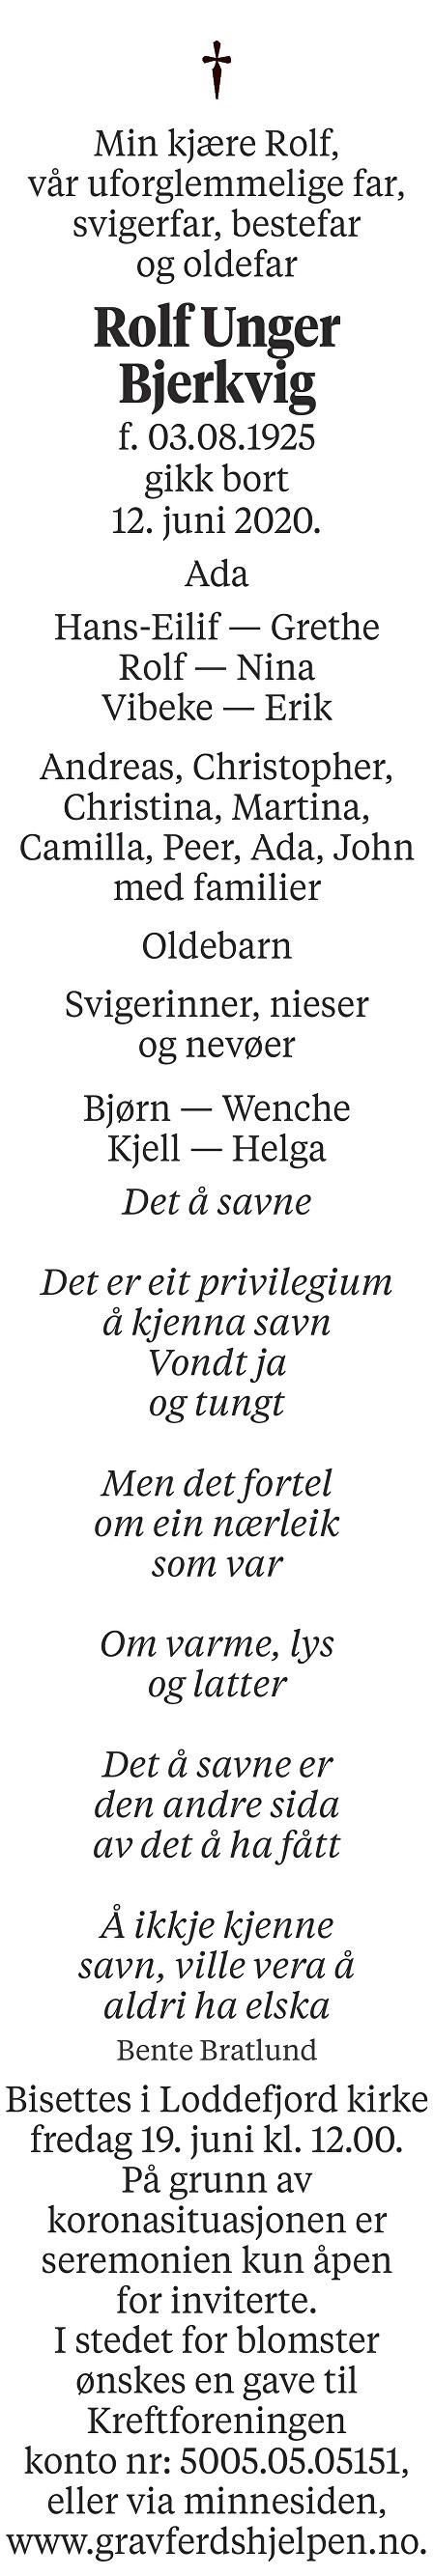 Rolf Unger Bjerkvig Dødsannonse